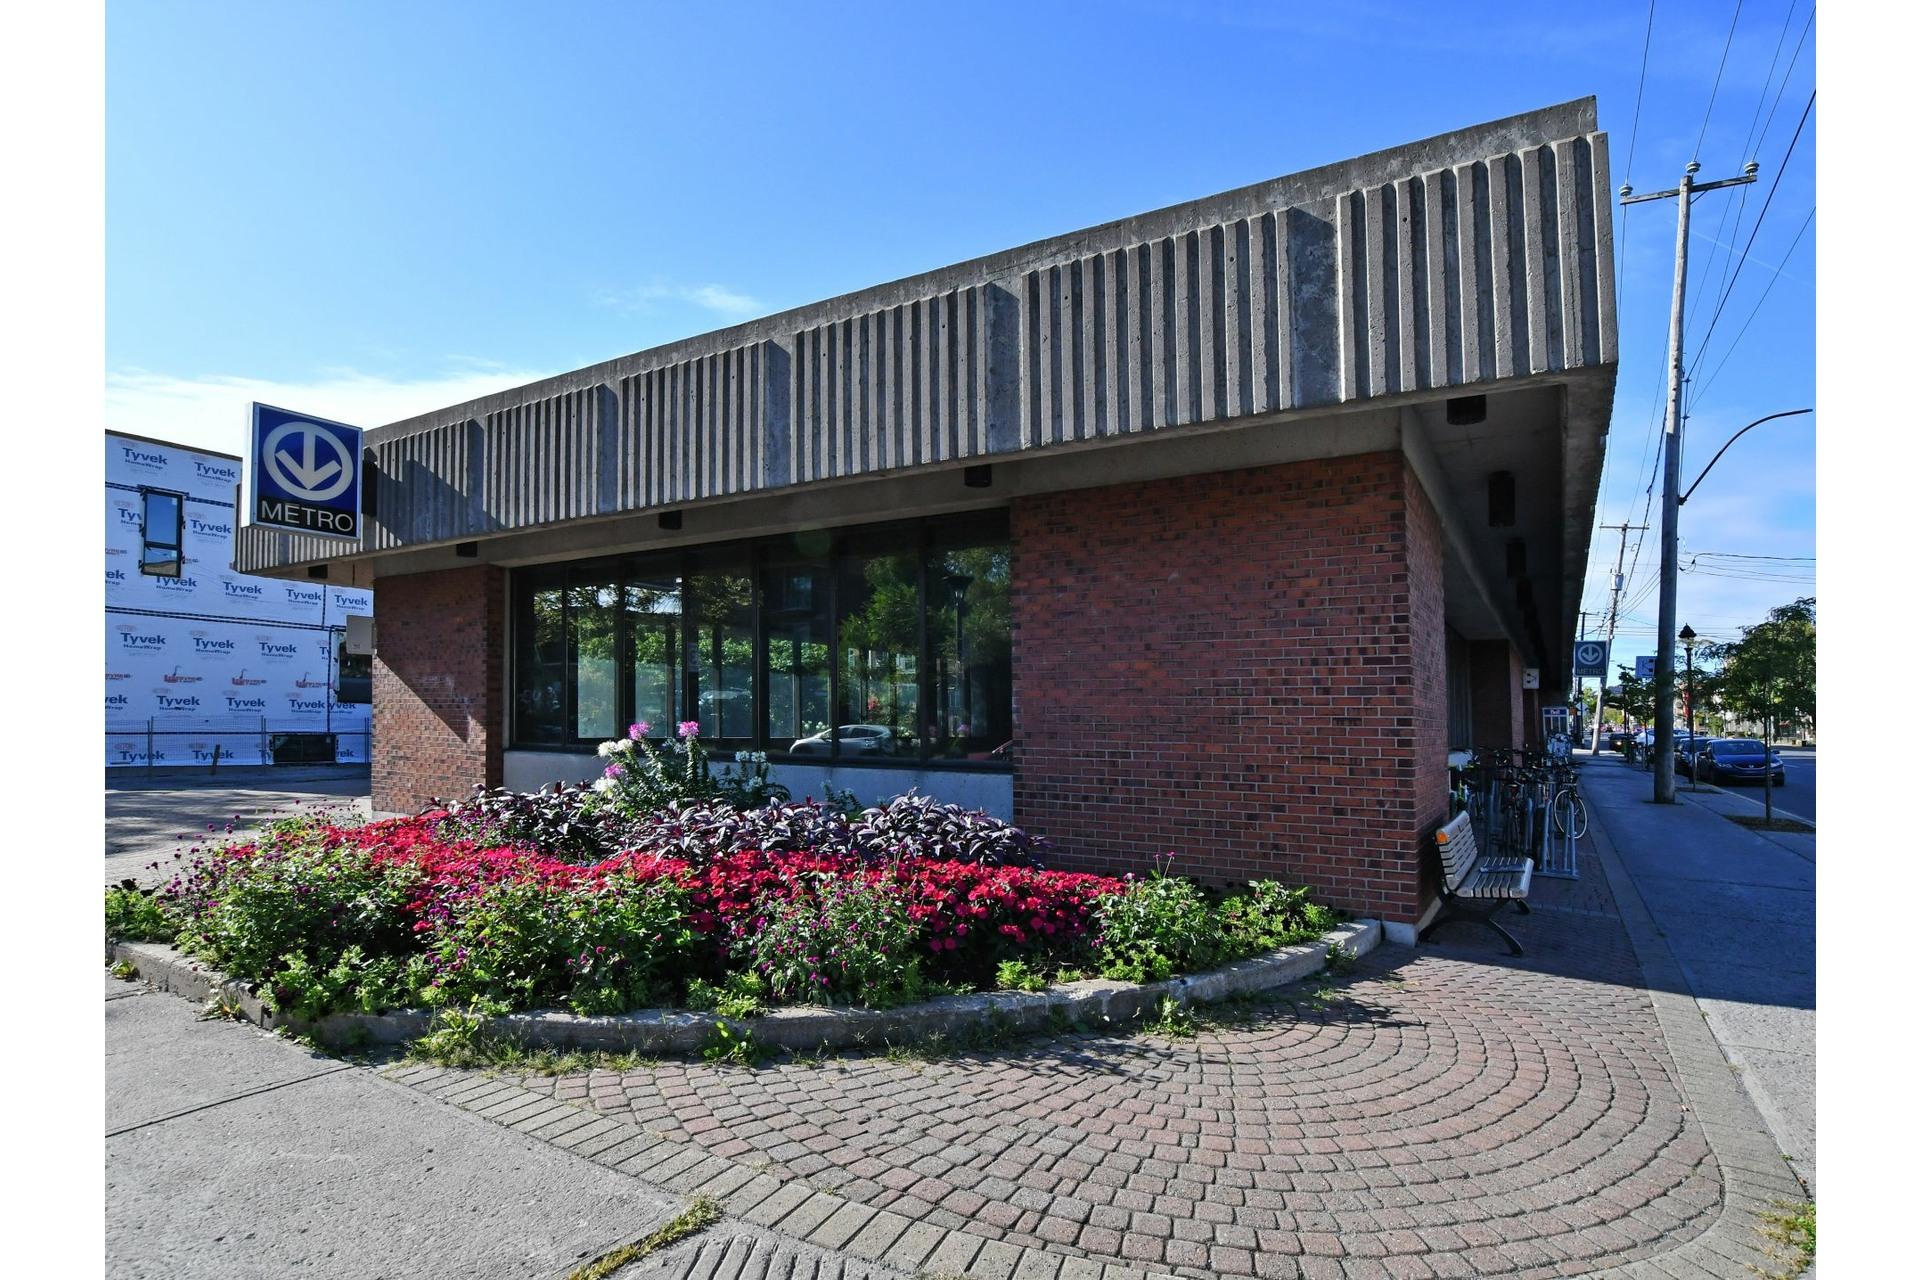 image 13 - Immeuble à revenus À vendre Villeray/Saint-Michel/Parc-Extension Montréal  - 4 pièces